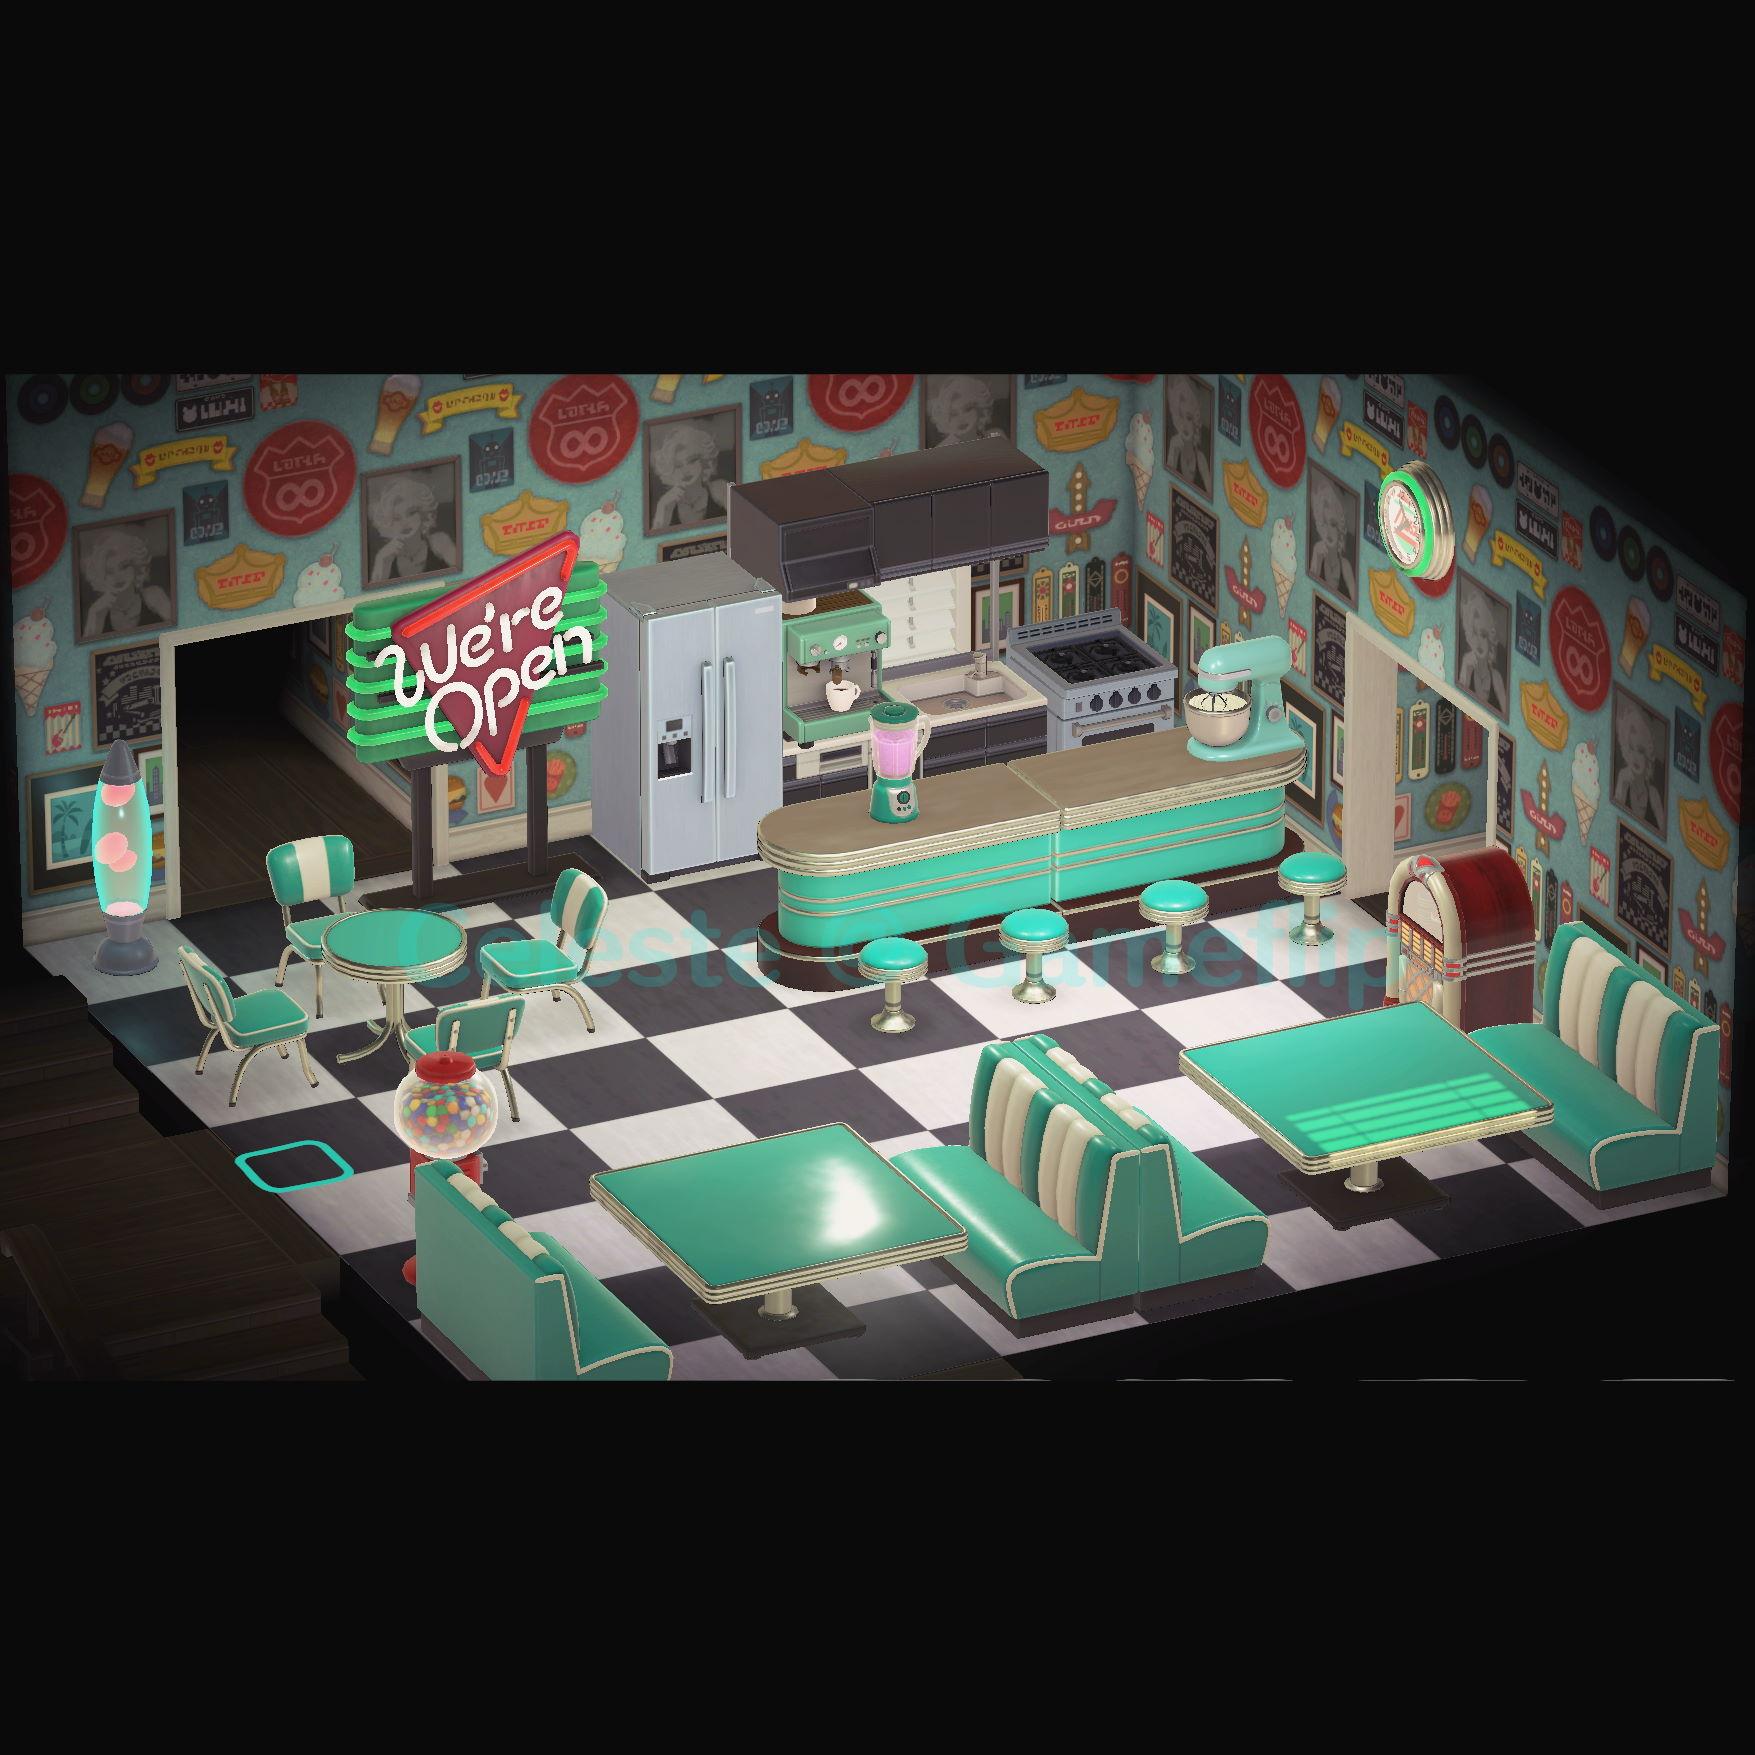 Furniture Aqua Turquoise Diner Set In Game Items Gameflip